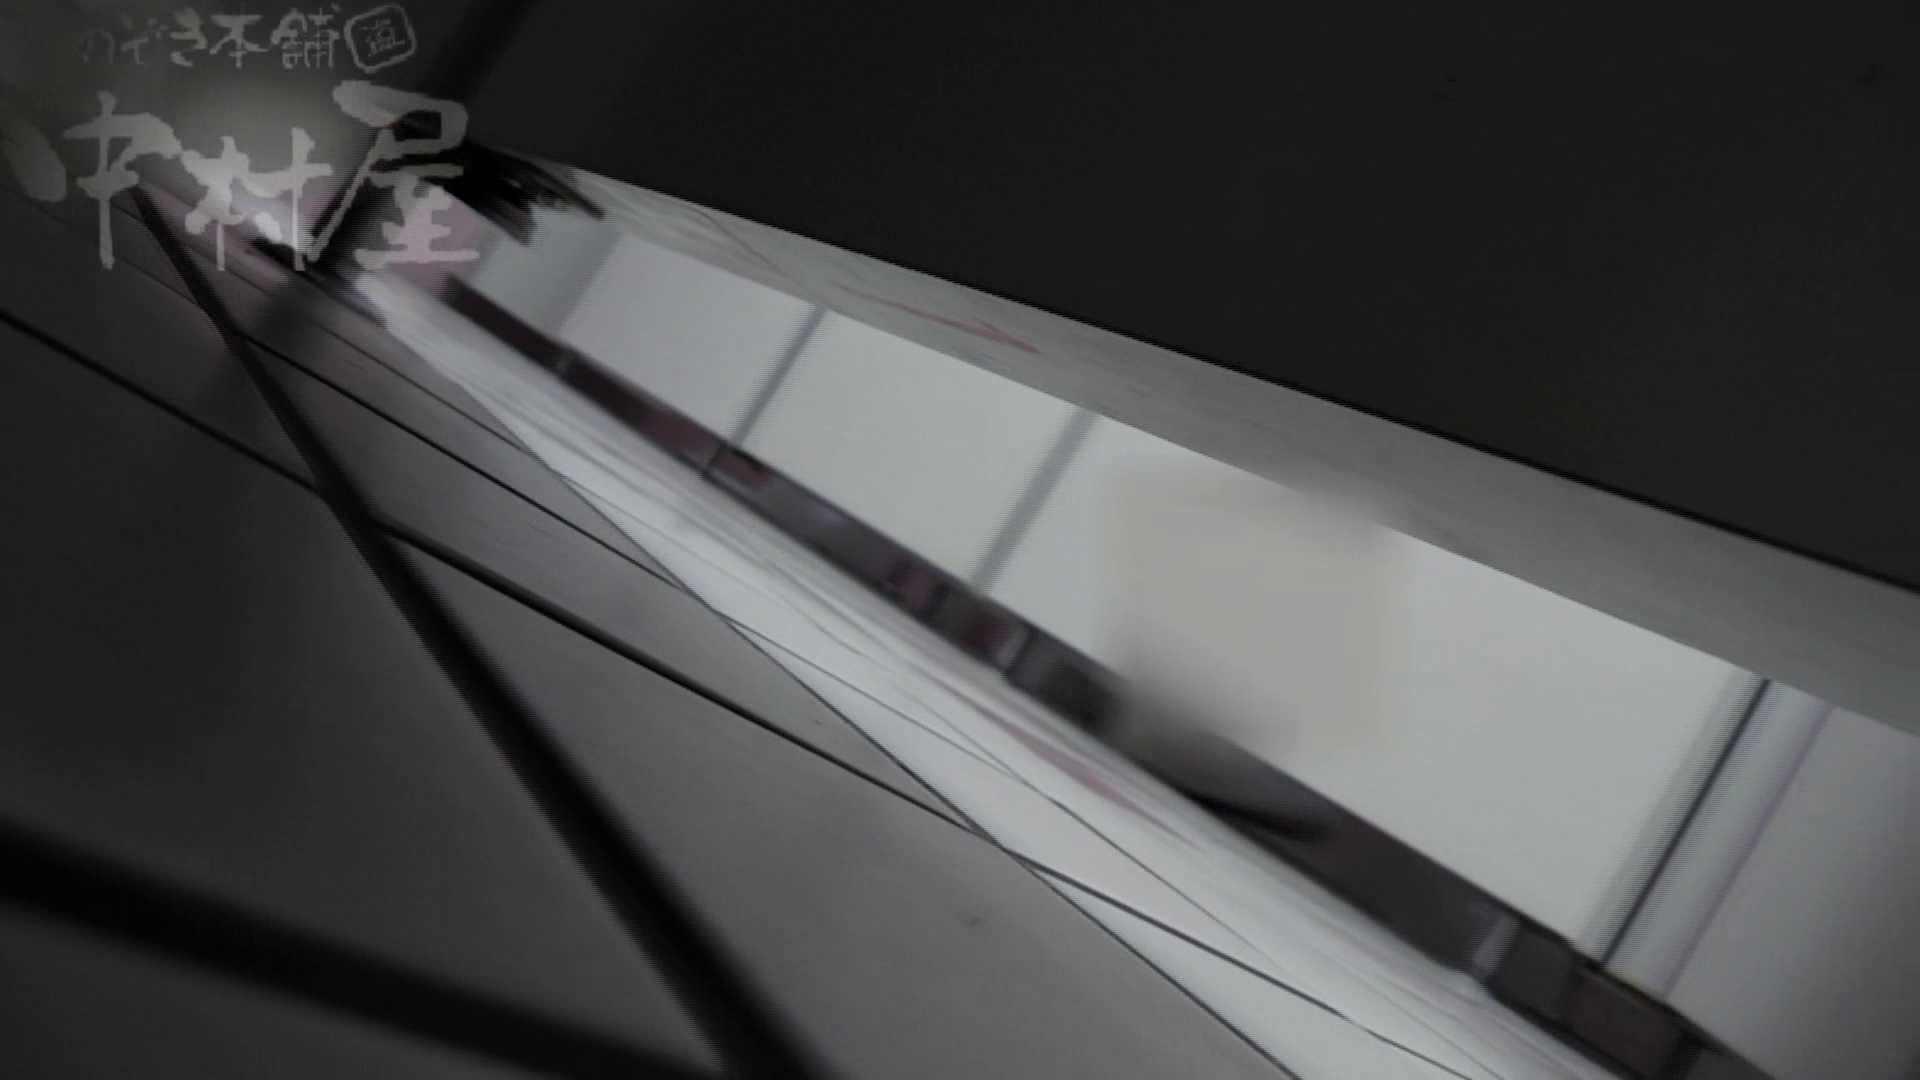 無修正エロ動画:美しい日本の未来 No.31 新しいアングルに挑戦:のぞき本舗 中村屋